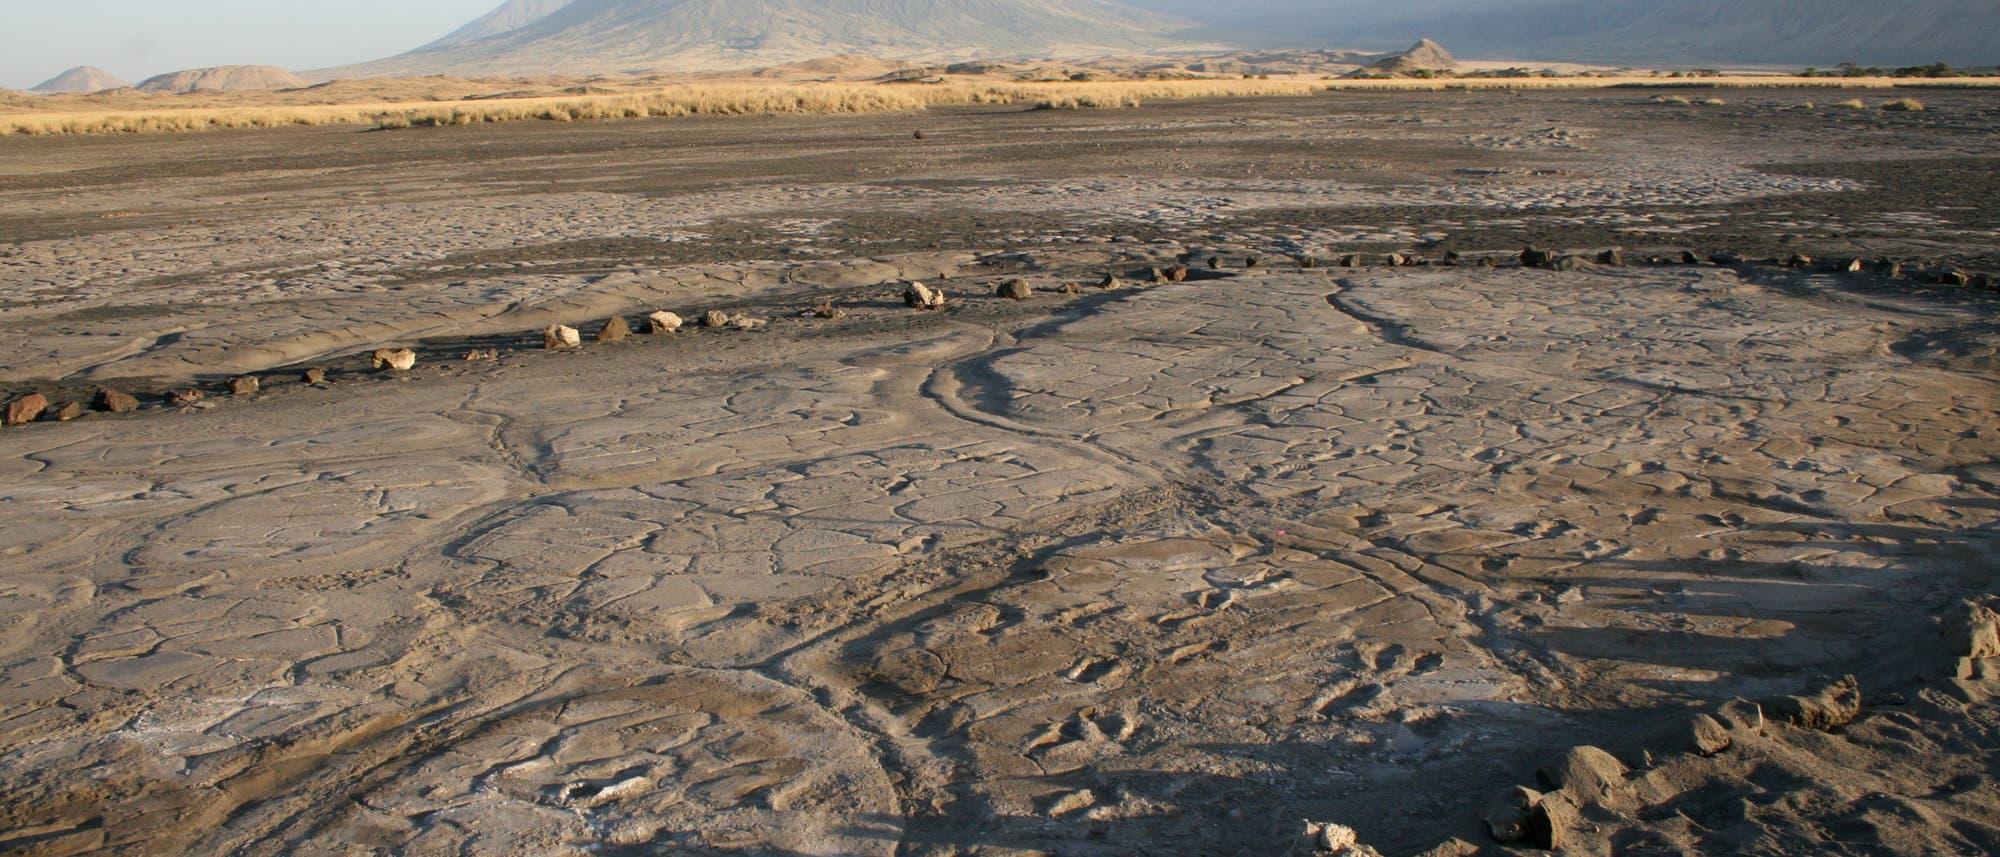 Der Fußspur-Fundplatz Engare Sero in Tansania. Die 408 Abdrücke im Vulkanschlamm entstanden vor bis zu 19.100 Jahren.